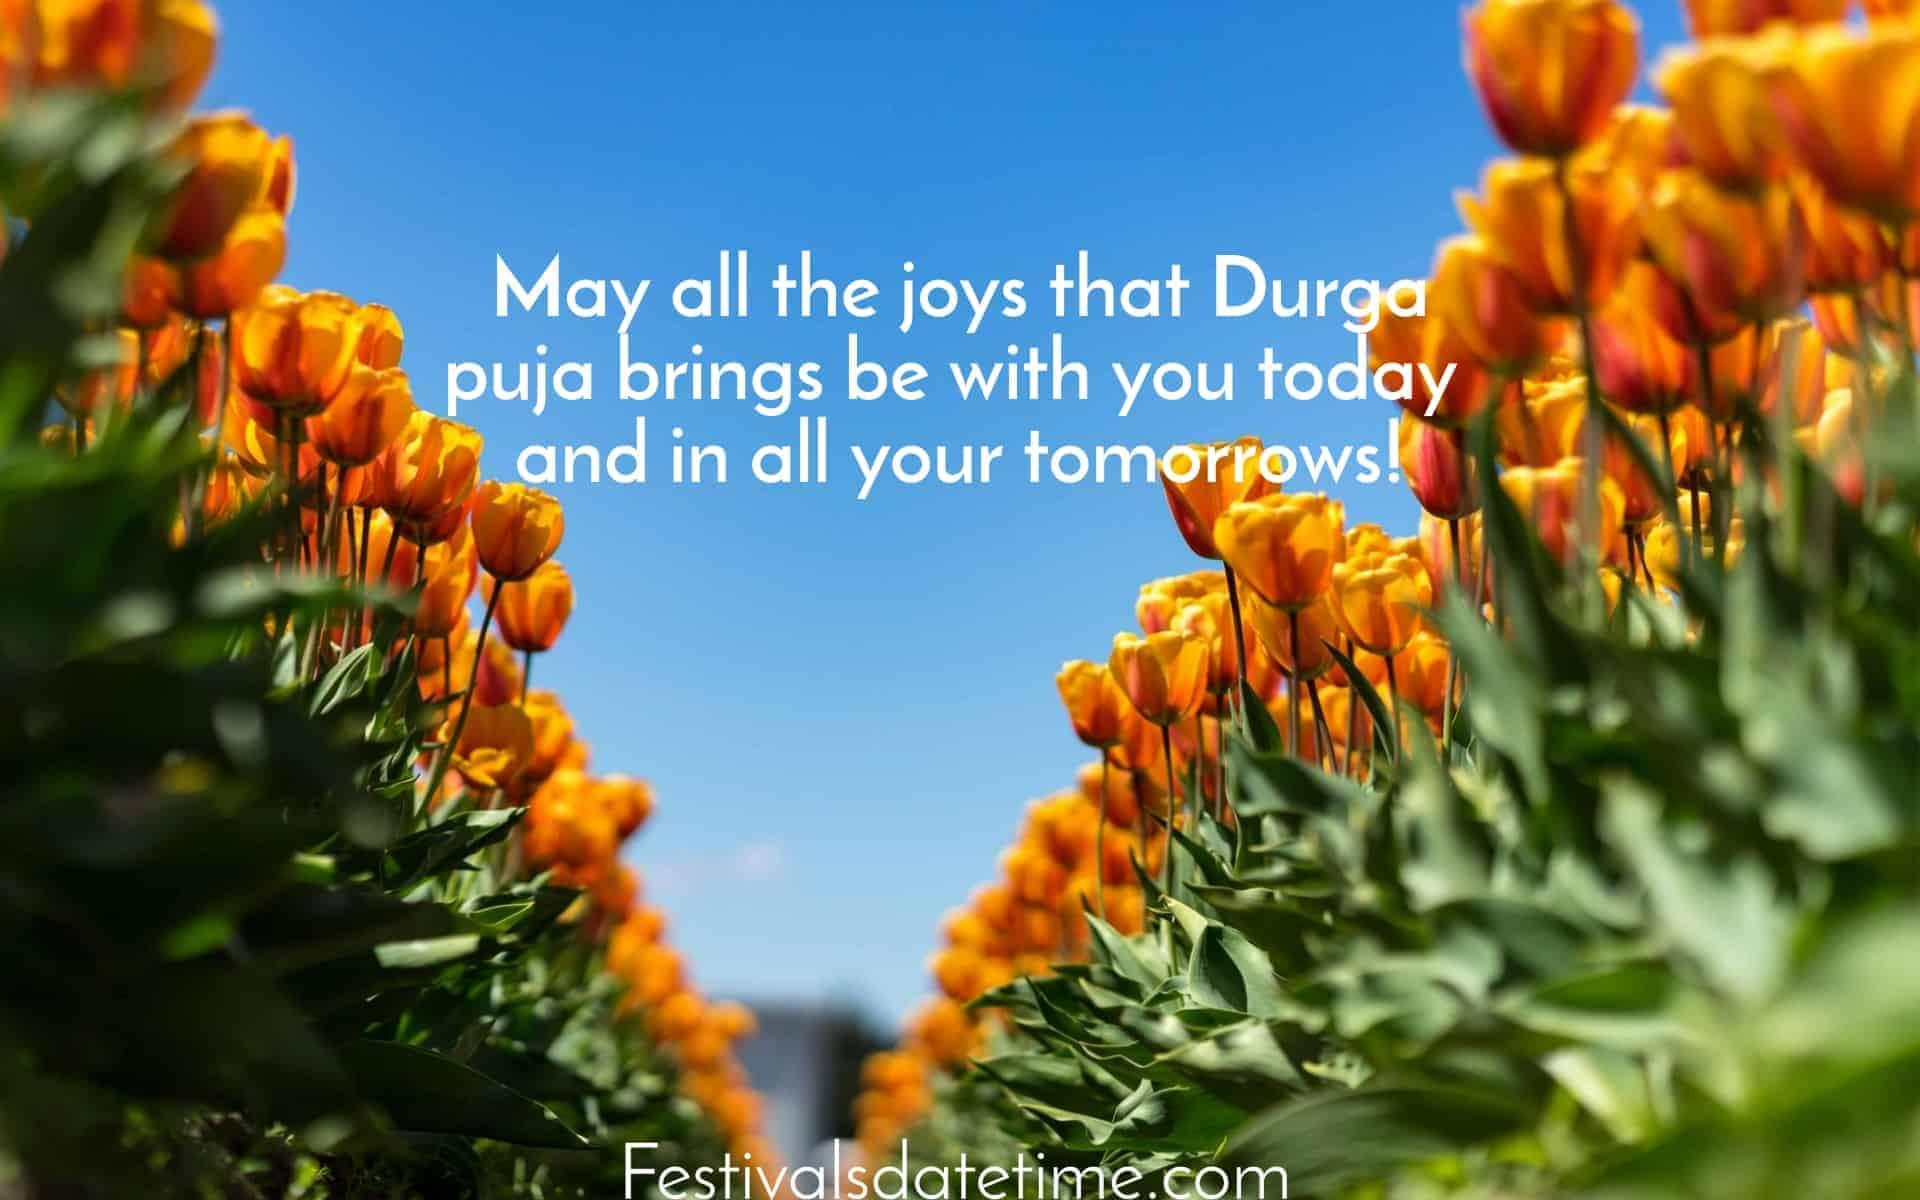 durga_puja_greetings_in_english